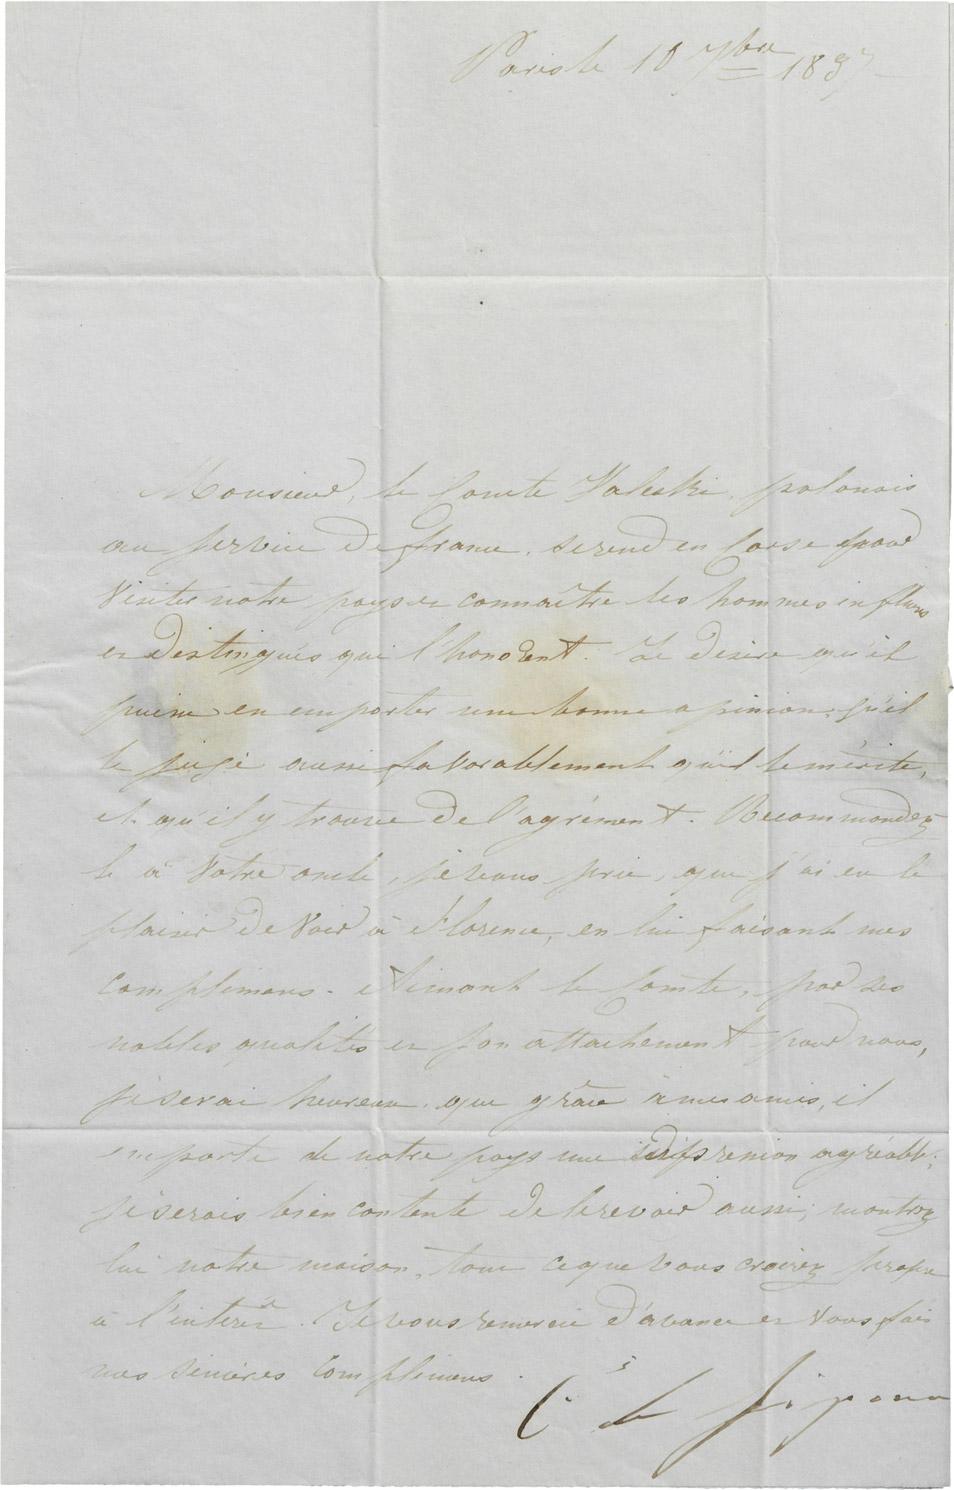 Sept Lettres de Caroline Bonaparte - Patrimoine Charles-André COLONNA WALEWSKI, en ligne directe de Napoléon